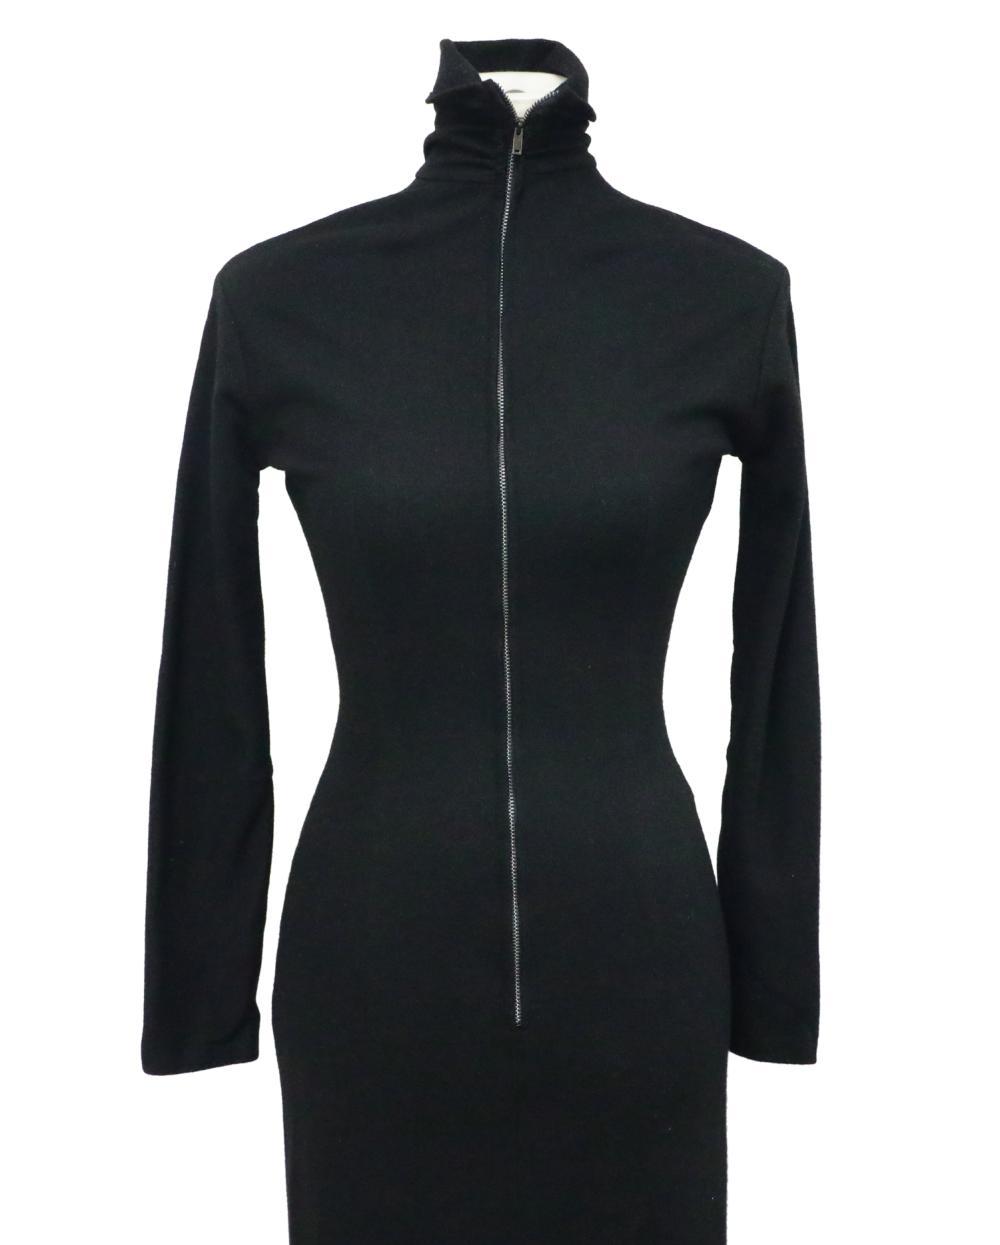 Marilyn Monroe's Black Wool Long Sleeved Dress W/COA